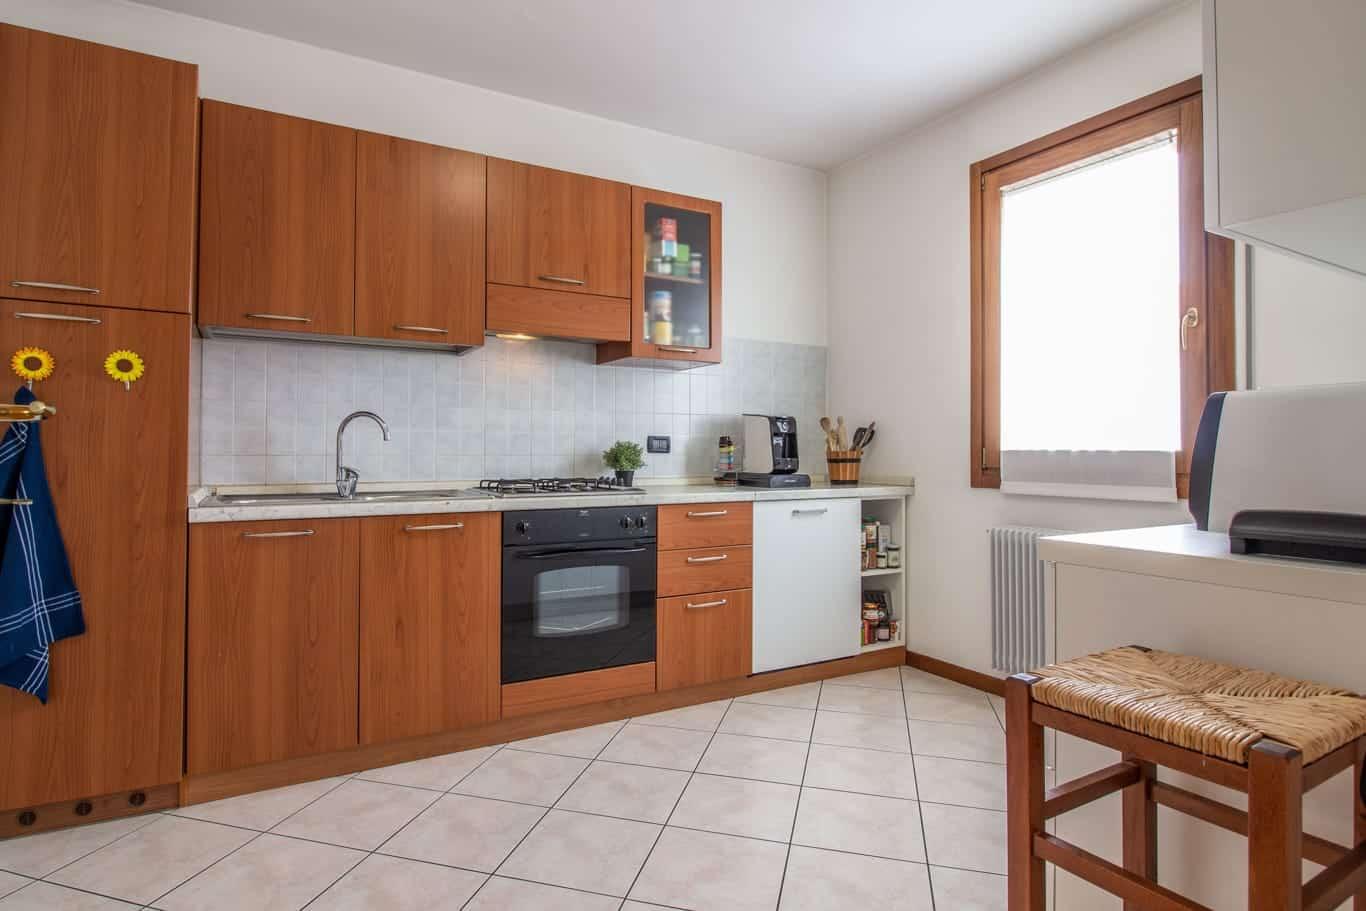 abitare immobiliare vendesi appartamento a pordenone (7 of 8)